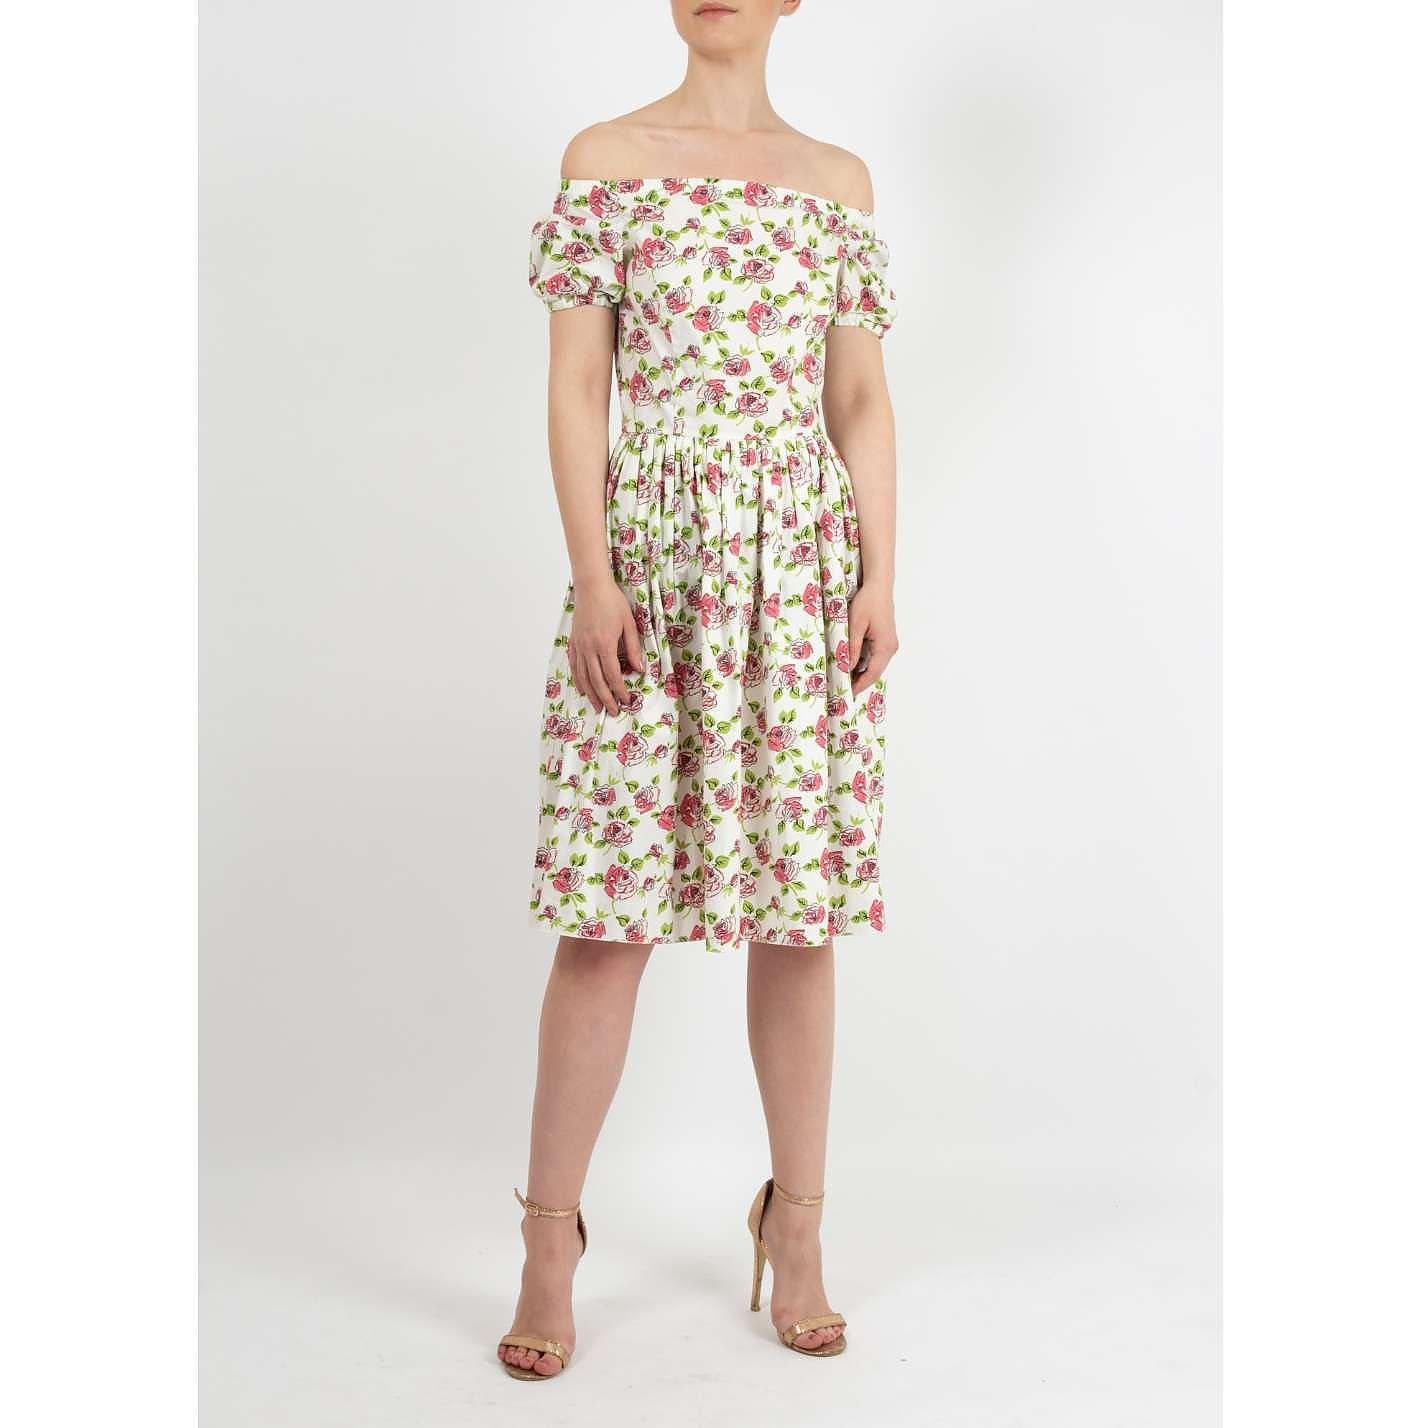 PRADA Off the Shoulder Floral Dress